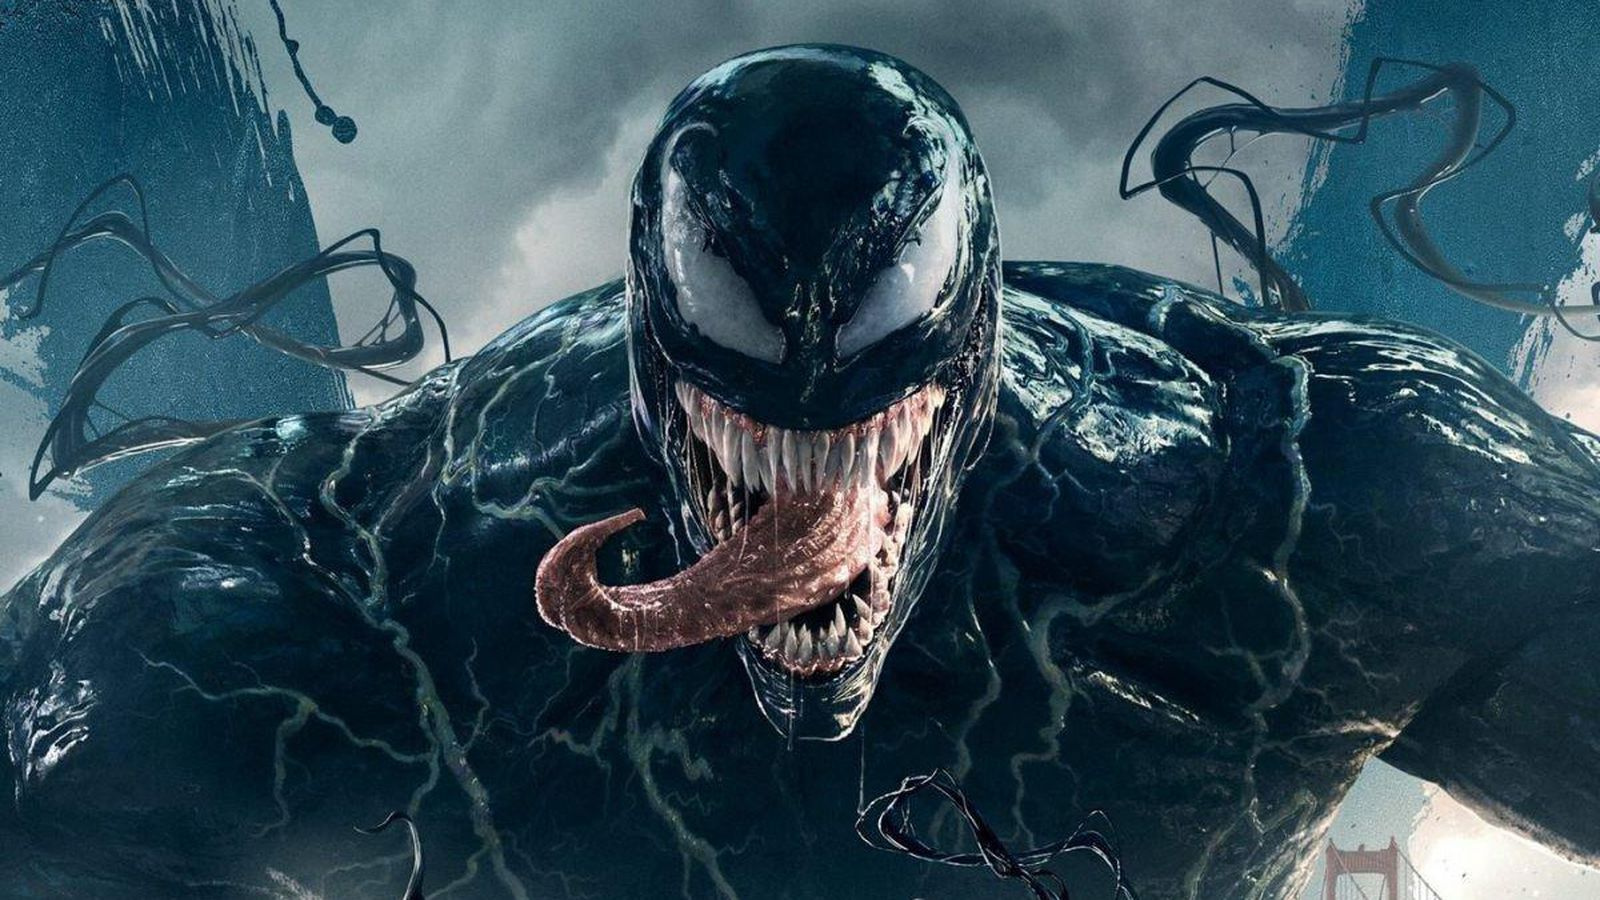 На Disney+ появятся фильмы Sony благодаря сделке между компаниями